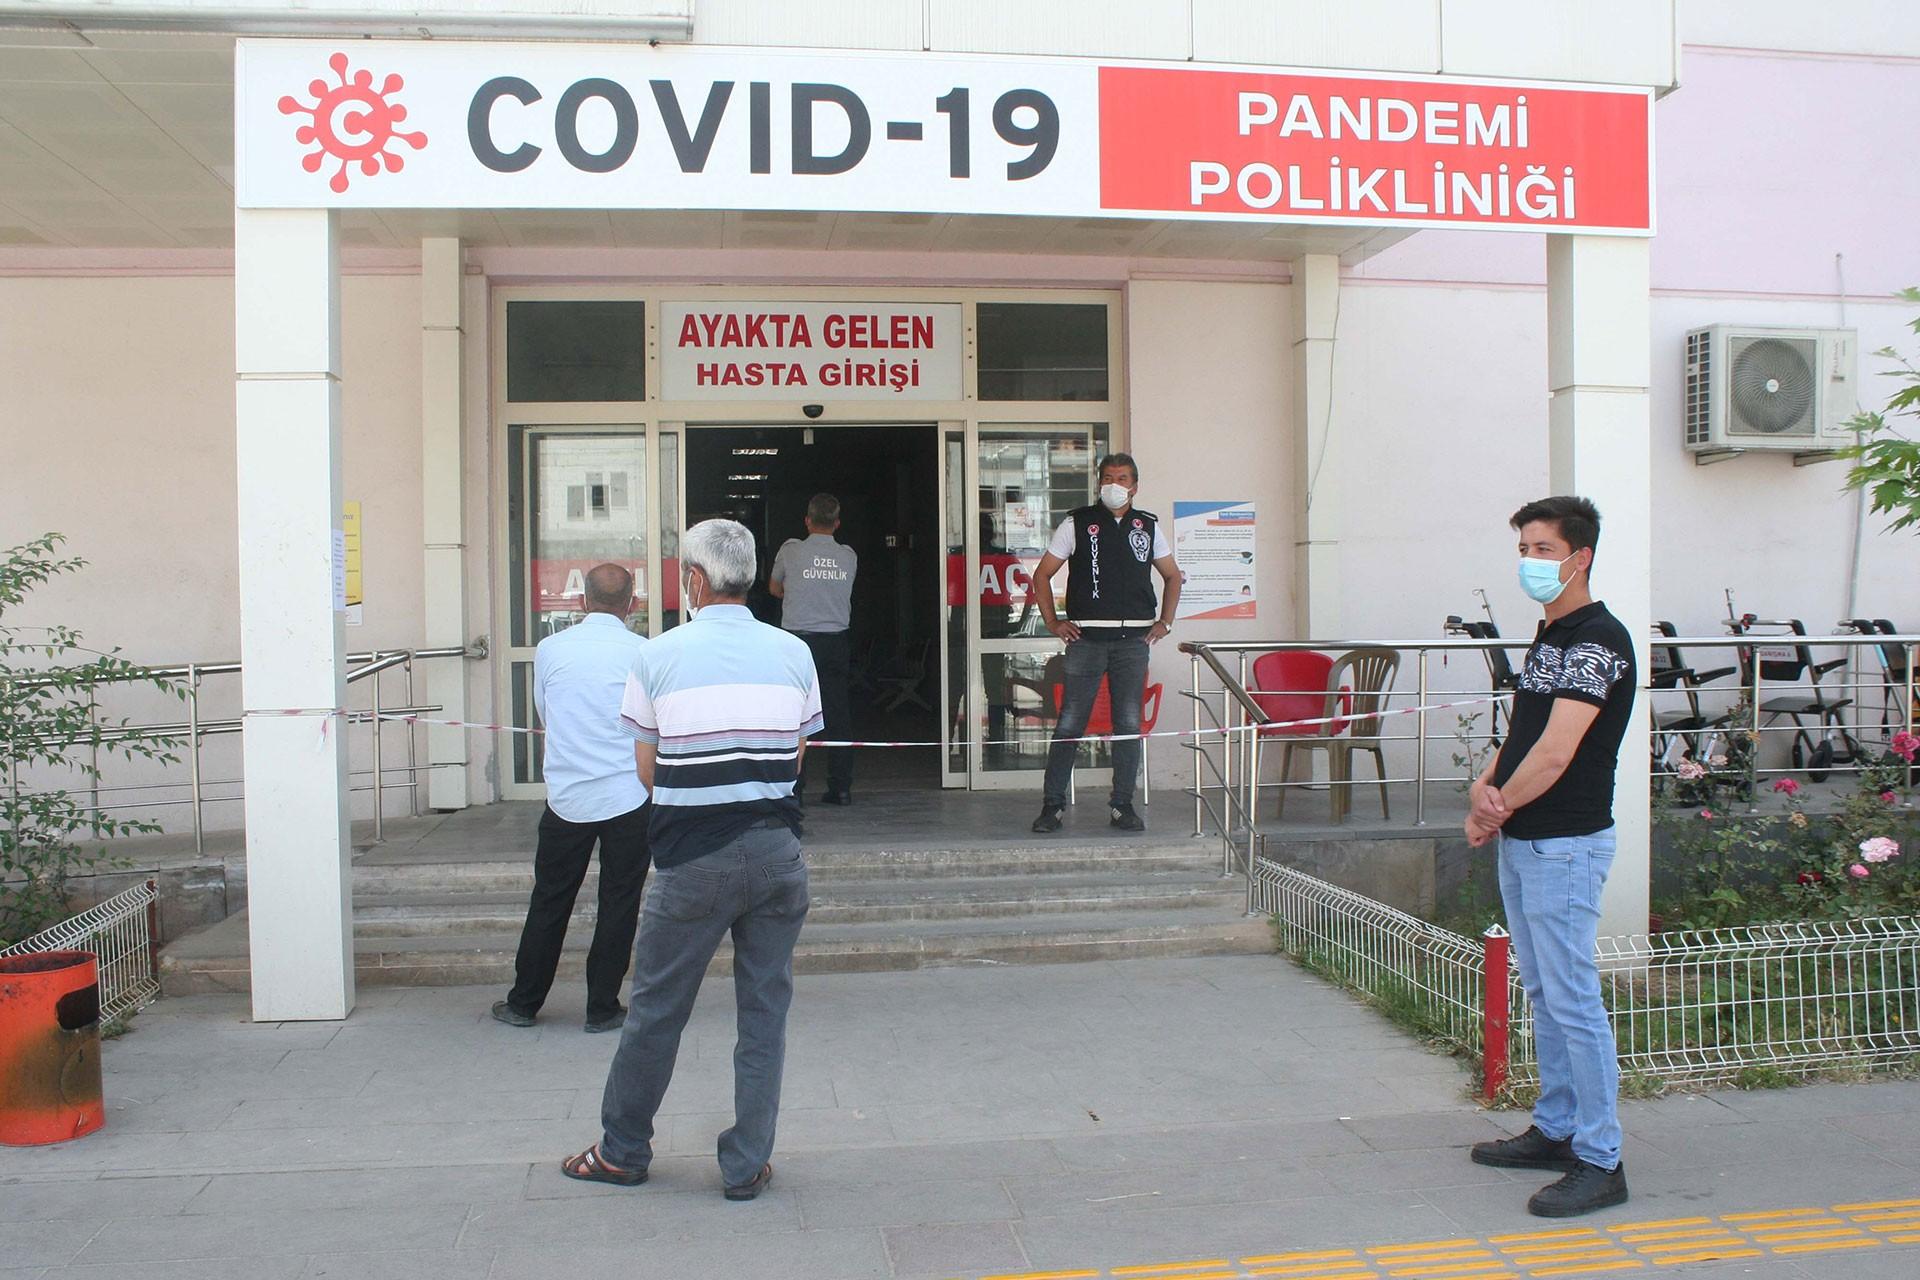 Kovid-19 pandemi polikliniğinin önünde sıra bekleyen işçiler